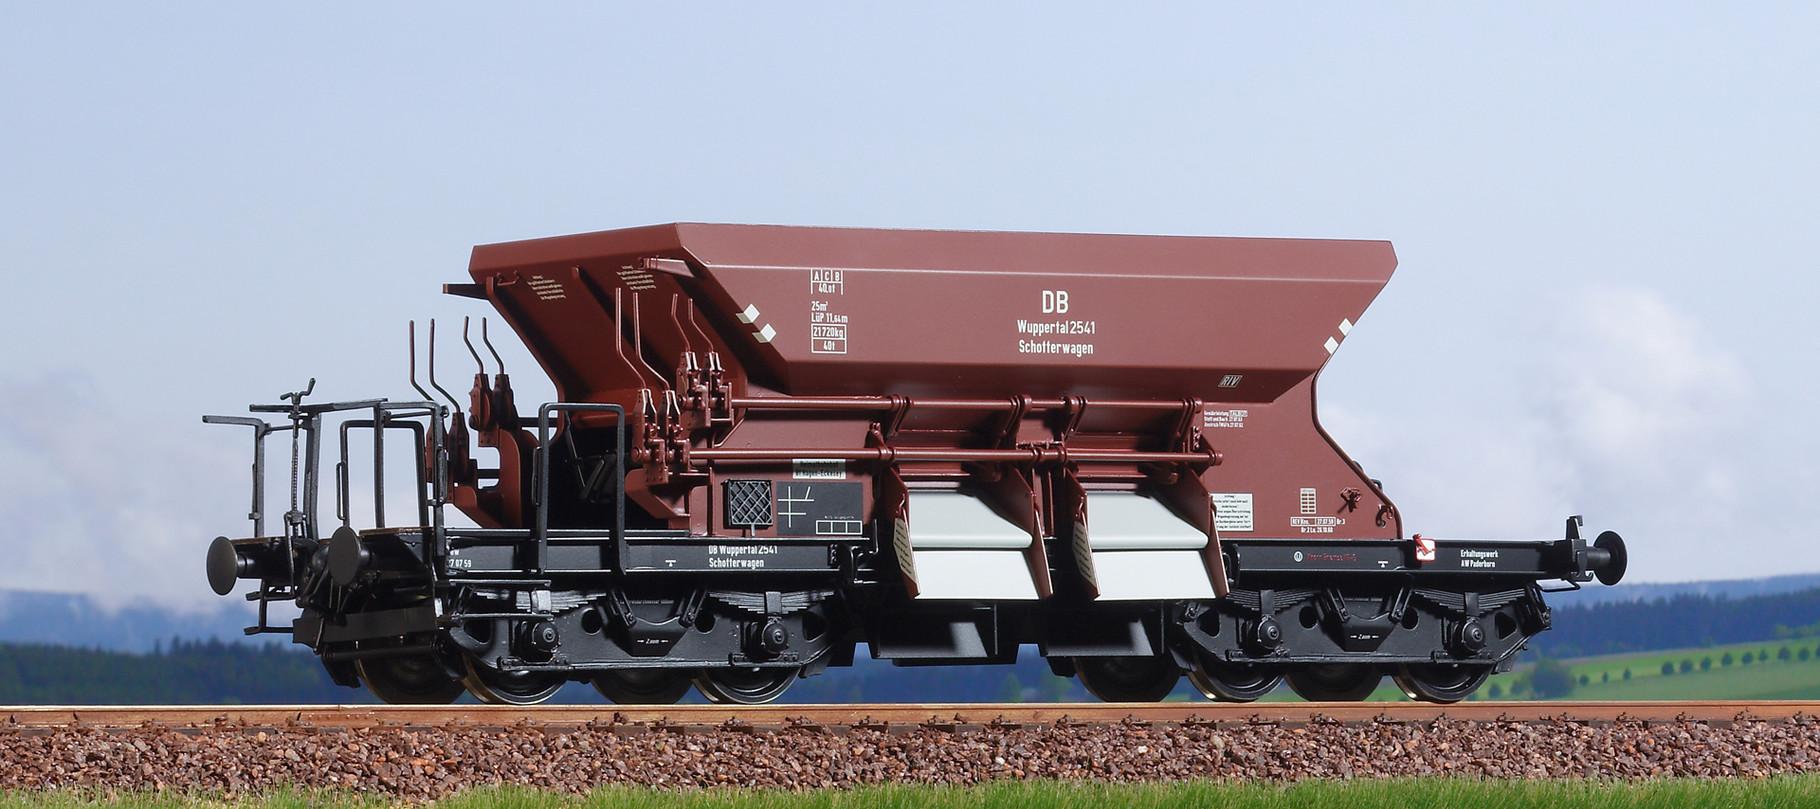 Spur 0, DB Dienstschotterwagen, Mainz 2434, Epoche III